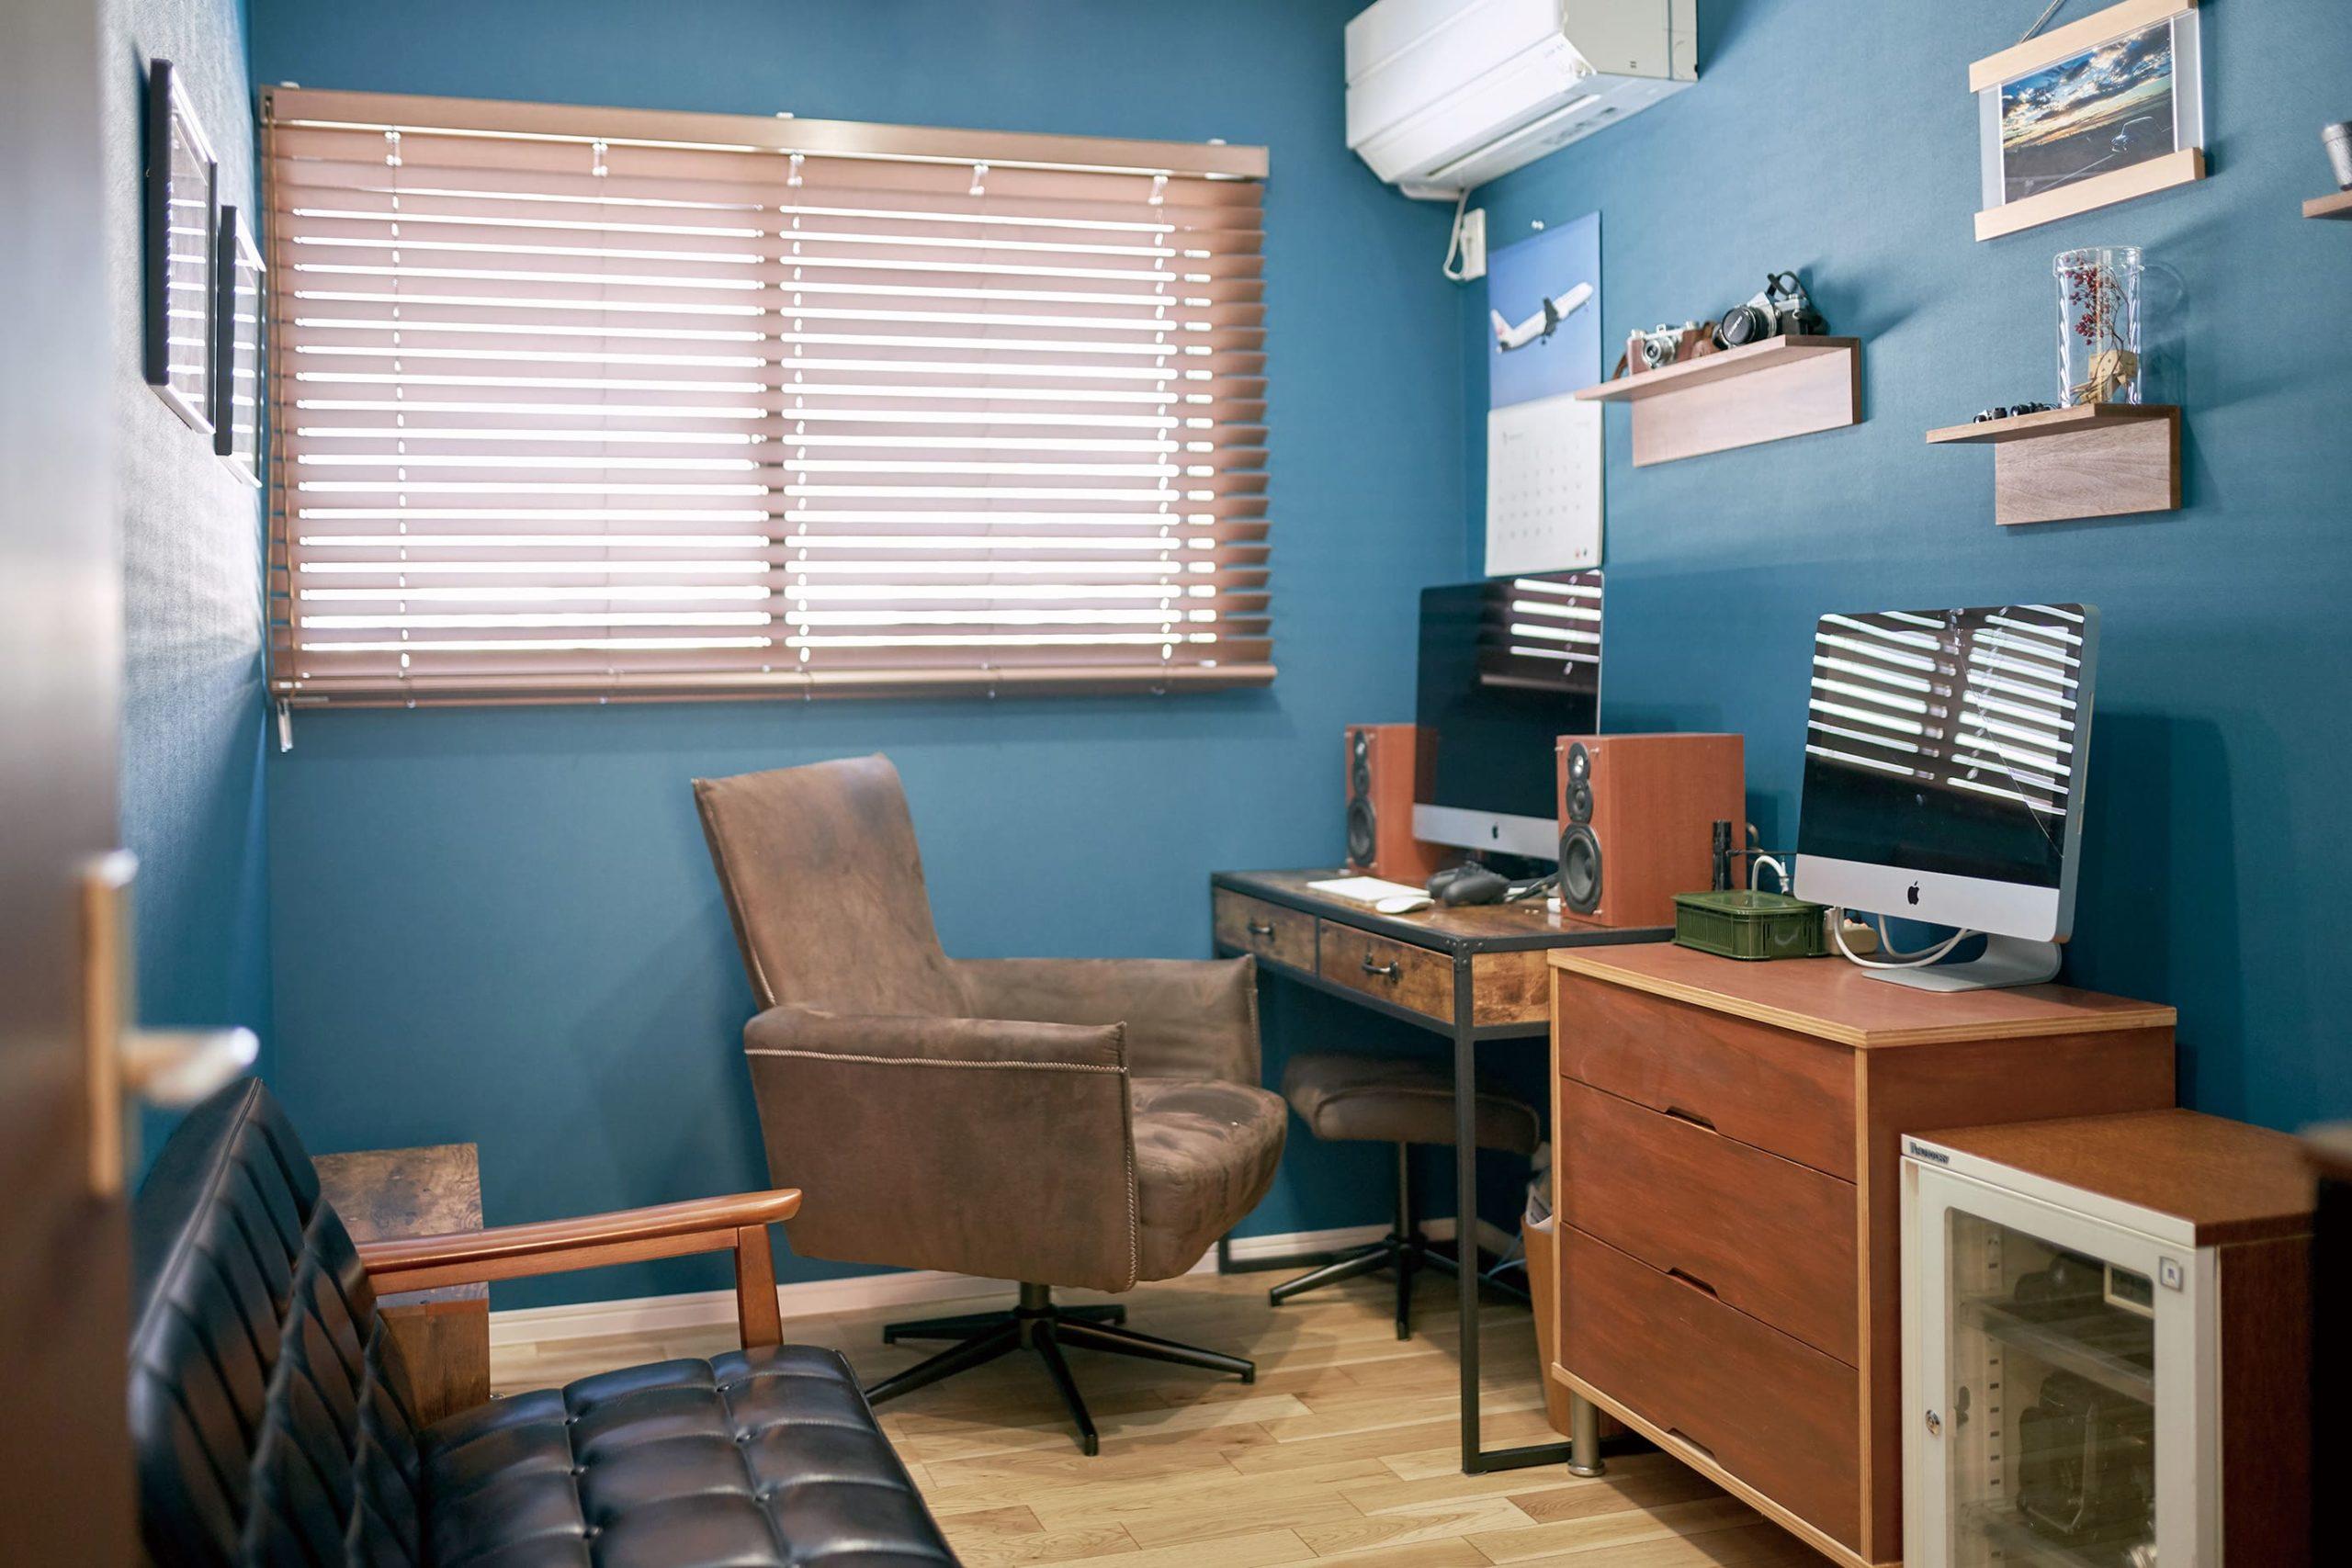 インダストリアルな雰囲気でまとまった書斎。趣味を楽しむ部屋としても活用できるご主人のパーソナルスペース。